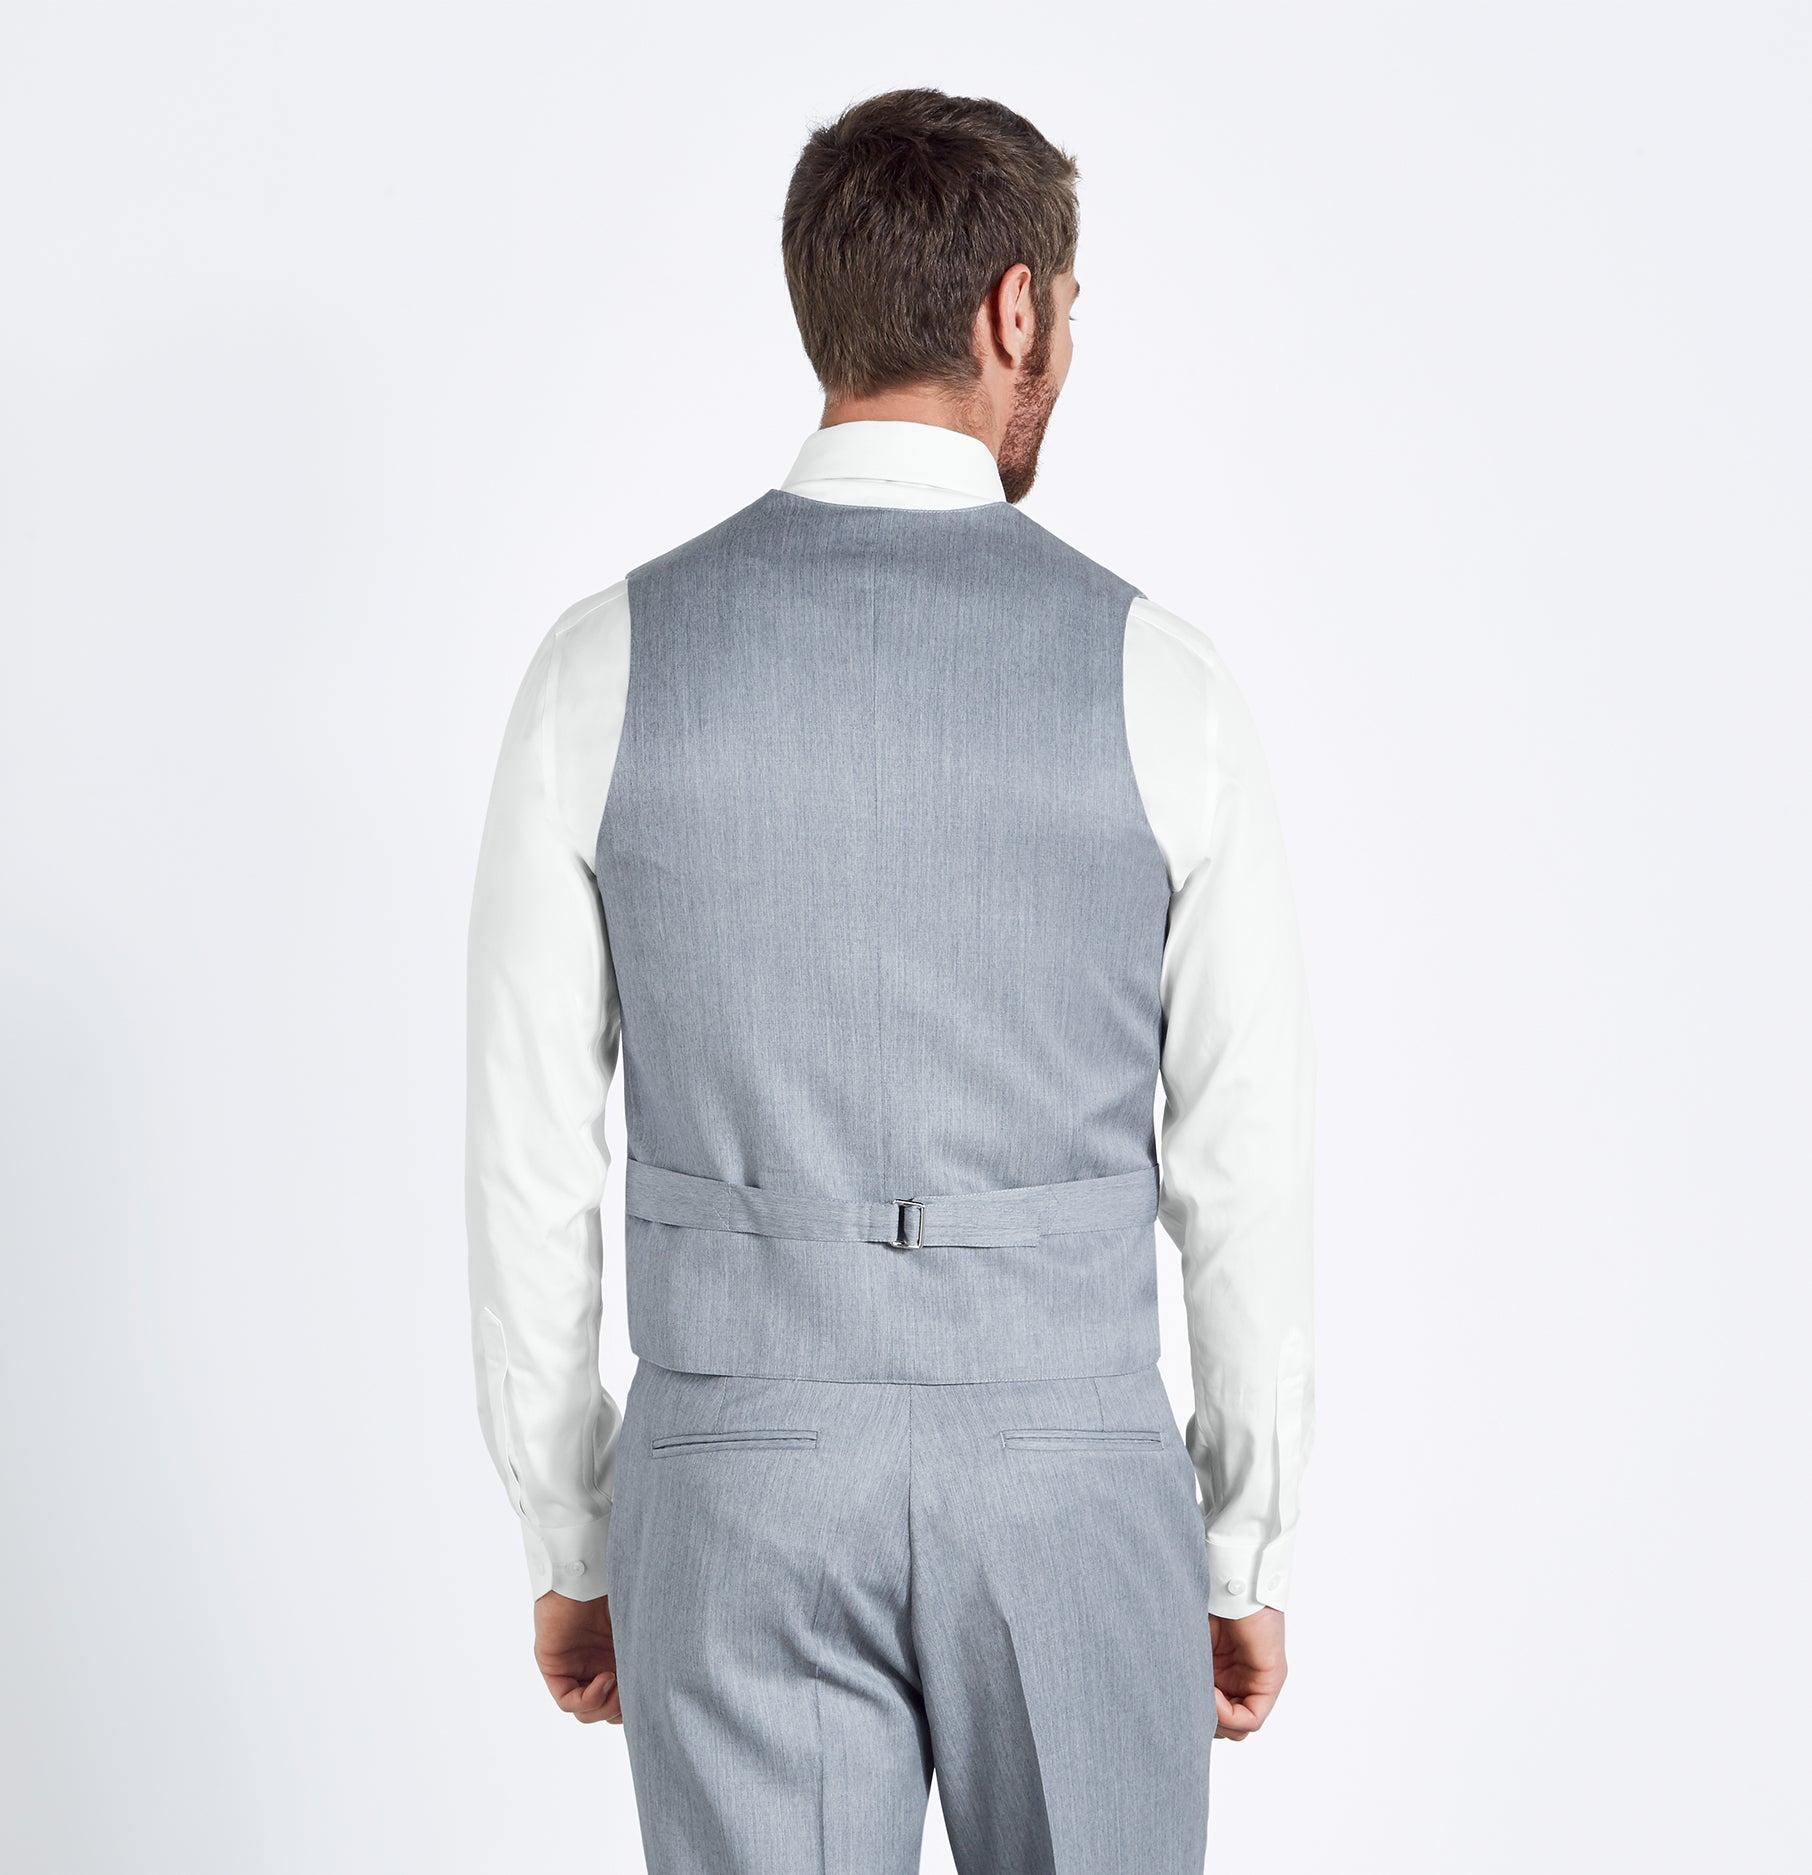 Light Grey Suit Vest   The Black Tux